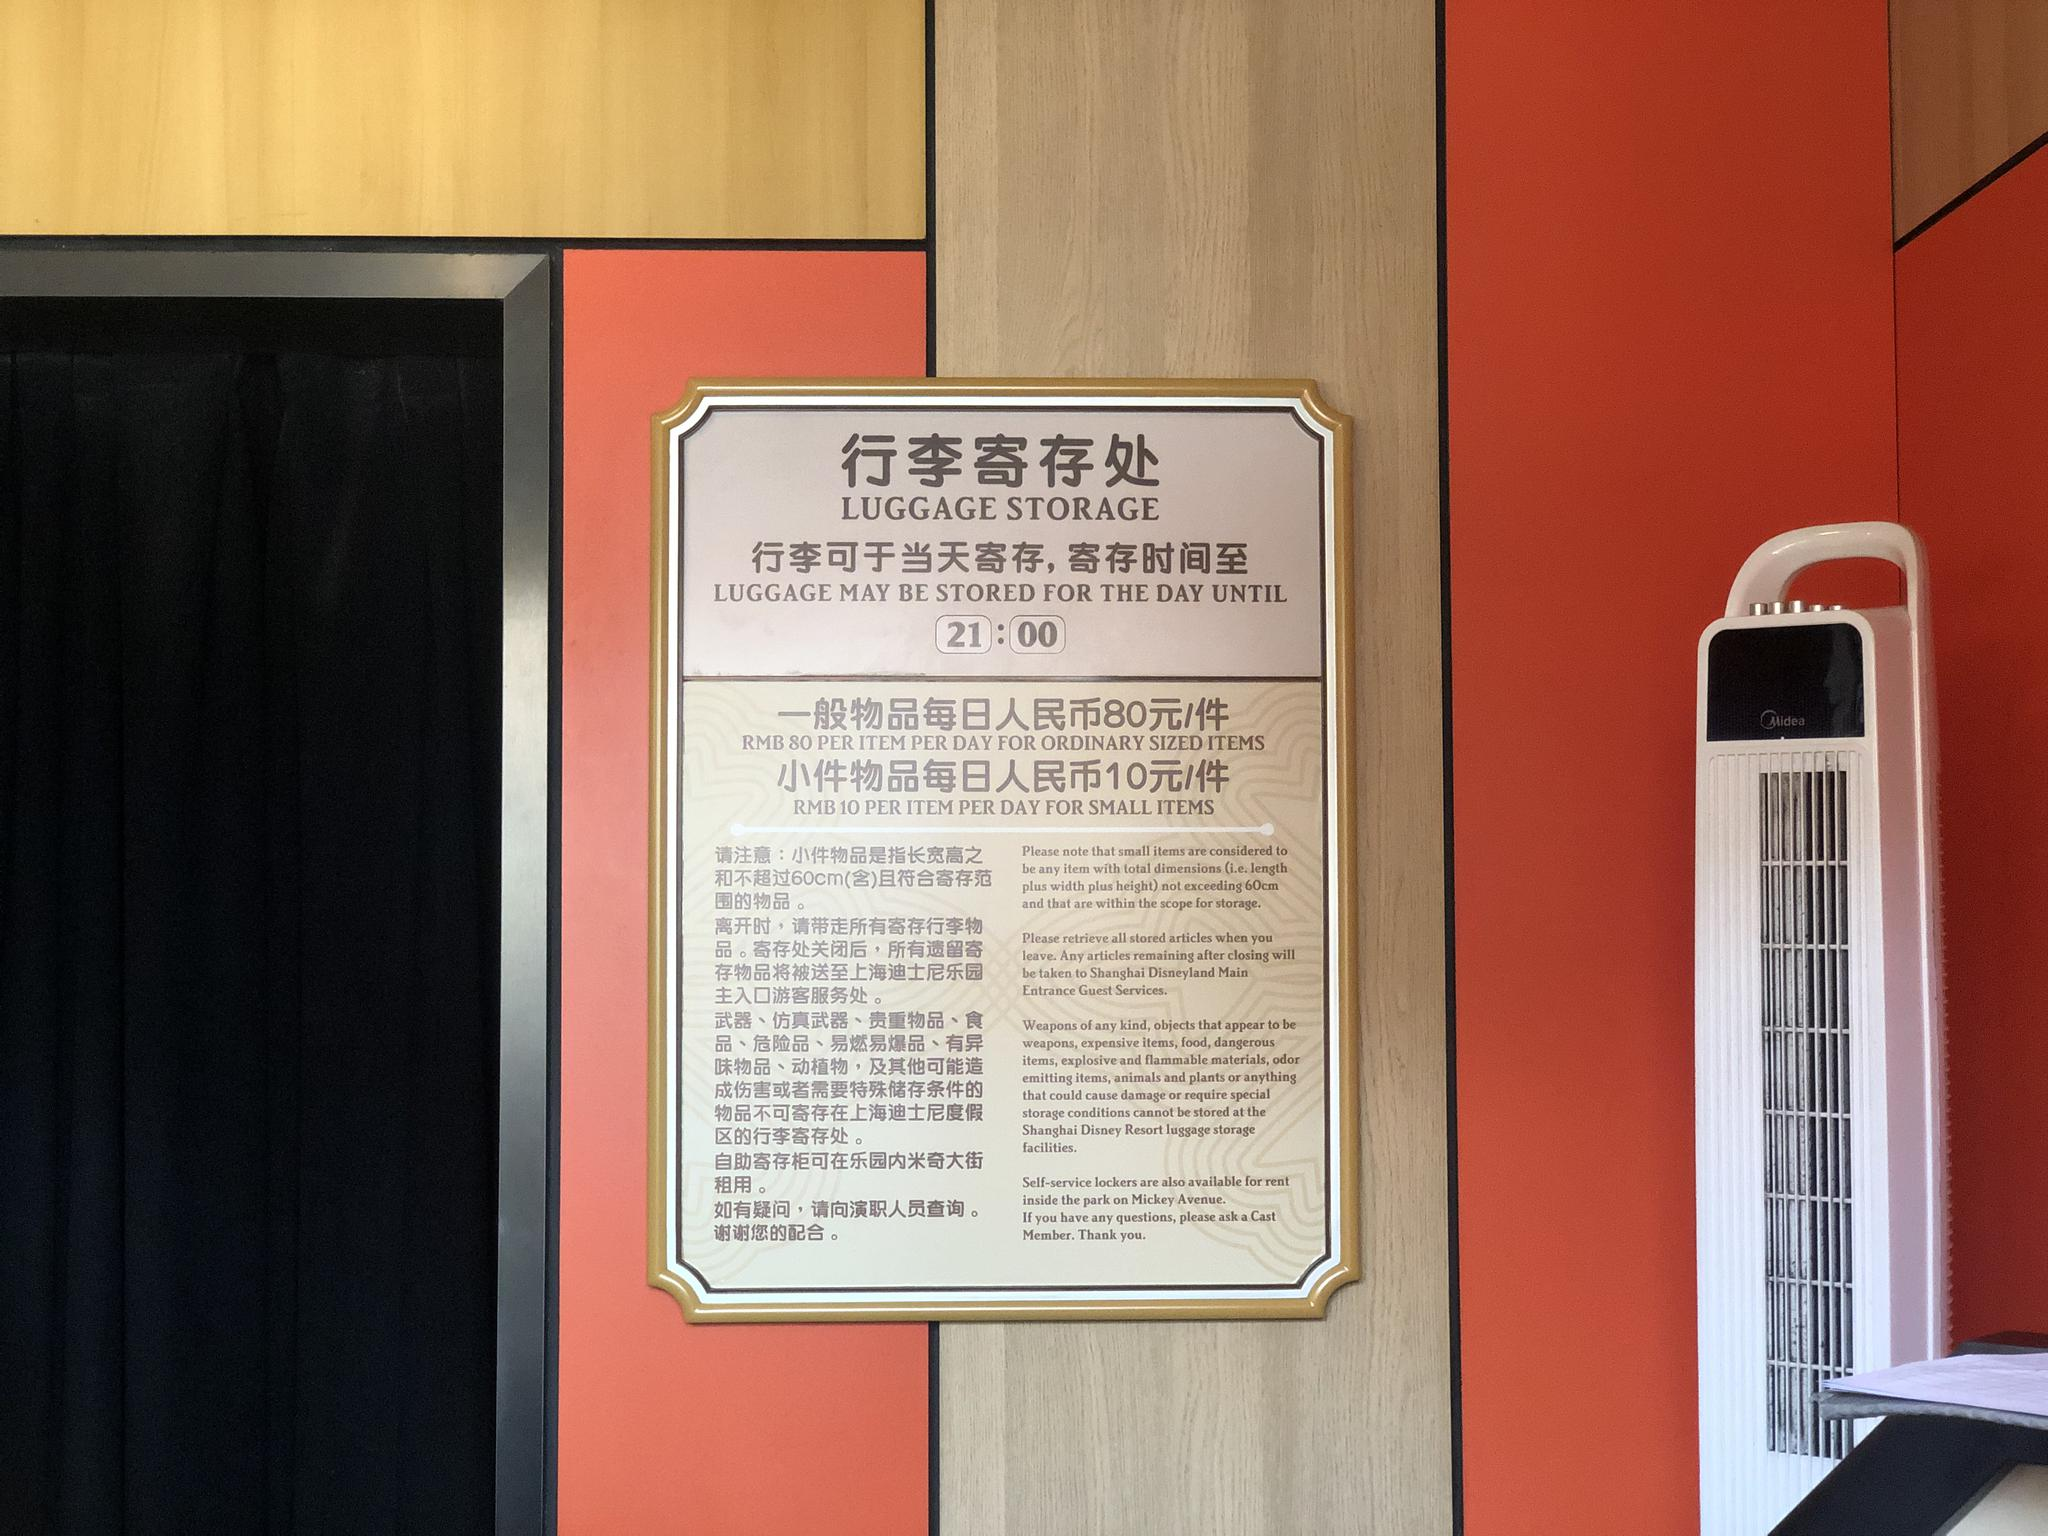 寄存物品处。摄影:新京报记者李妍